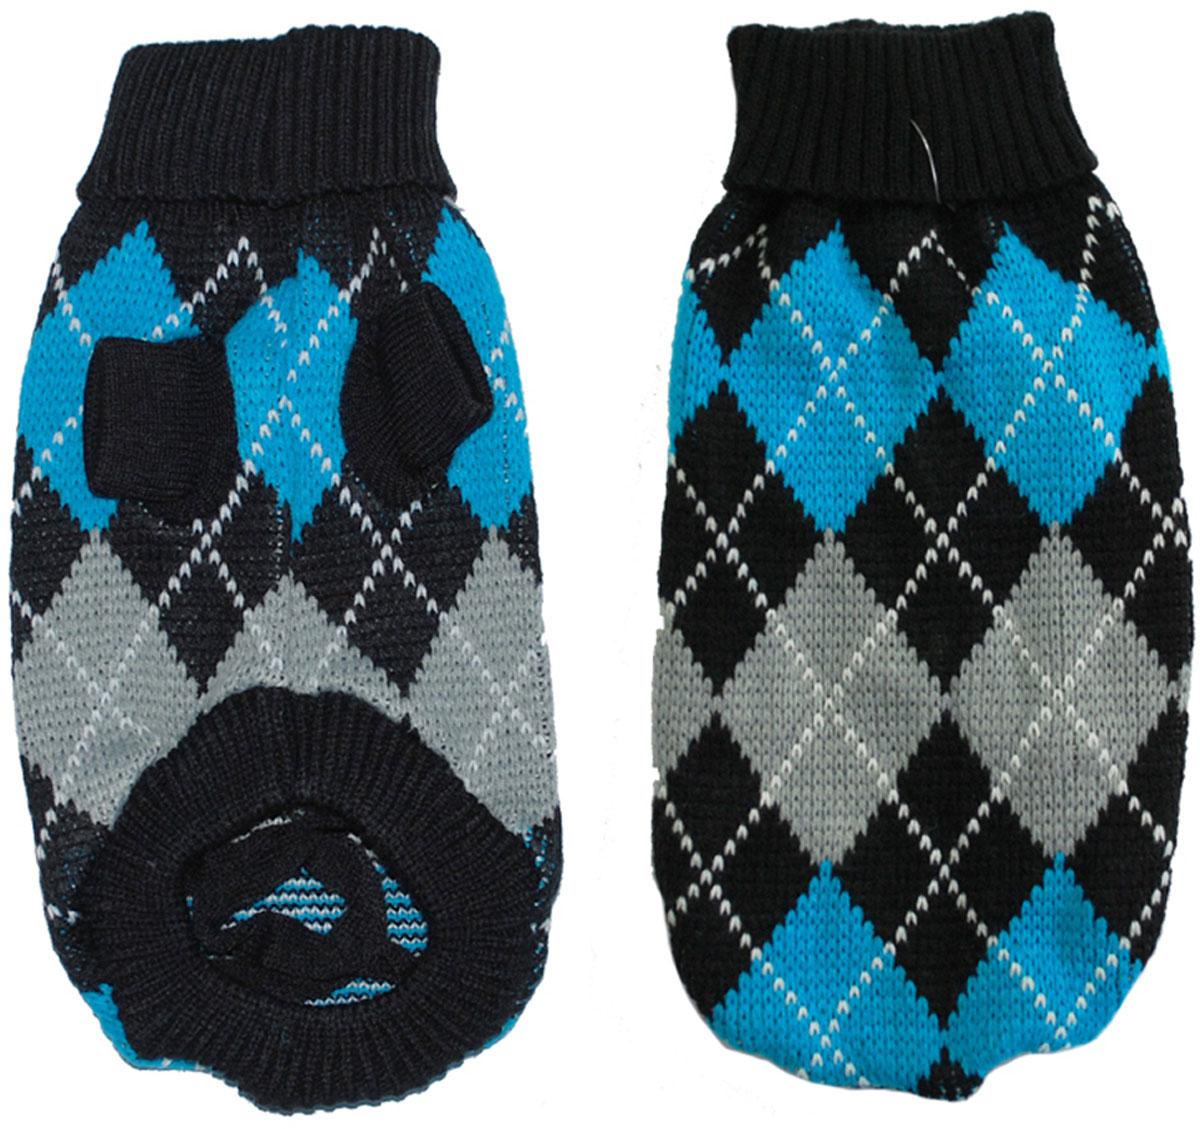 Свитер для собак Уют, унисекс, цвет: черный, синий, серый. НМ24С. Размер SНМ24СКрасивый вязаный свитер для собак Уют выполнен из акрила. Рукава, воротник и низ изделия дополнены эластичными трикотажными резинками для плотного прилегания. Модель декорирована рисунком в виде ромбов. В таком свитере вашей собачке будет тепло и уютно. Обхват шеи: 24-27 см.Обхват груди: 34-40 см.Длина спинки: 25 см.Одежда для собак: нужна ли она и как её выбрать. Статья OZON Гид